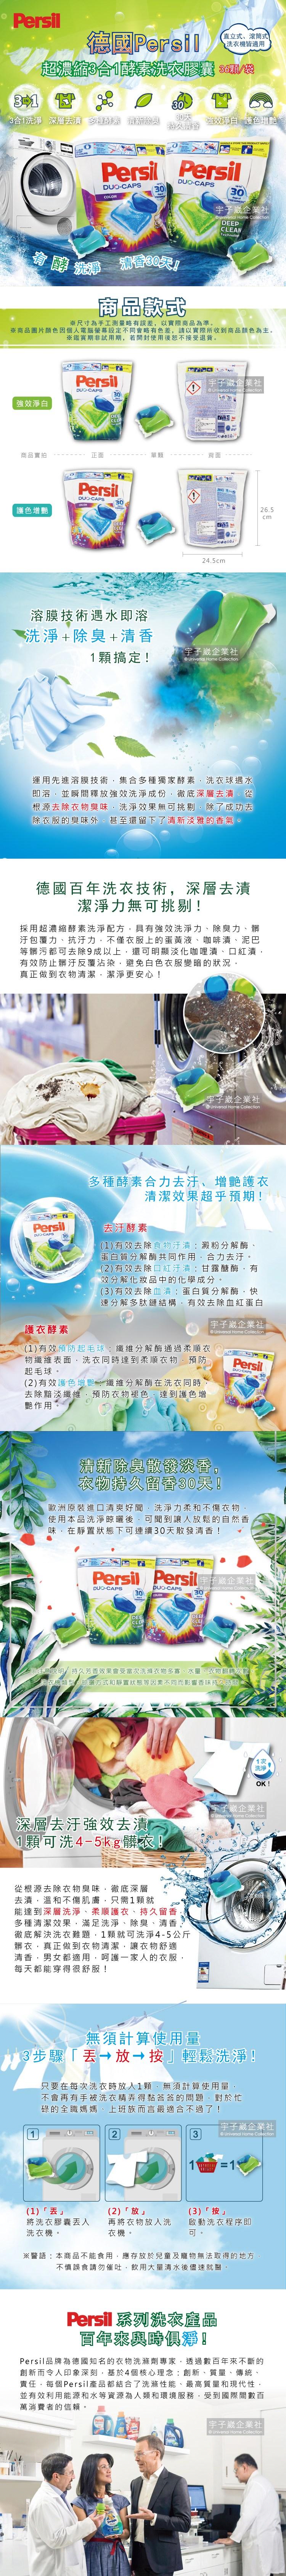 德國Persil-超濃縮3合1酵素洗衣膠囊36顆袋裝介紹圖